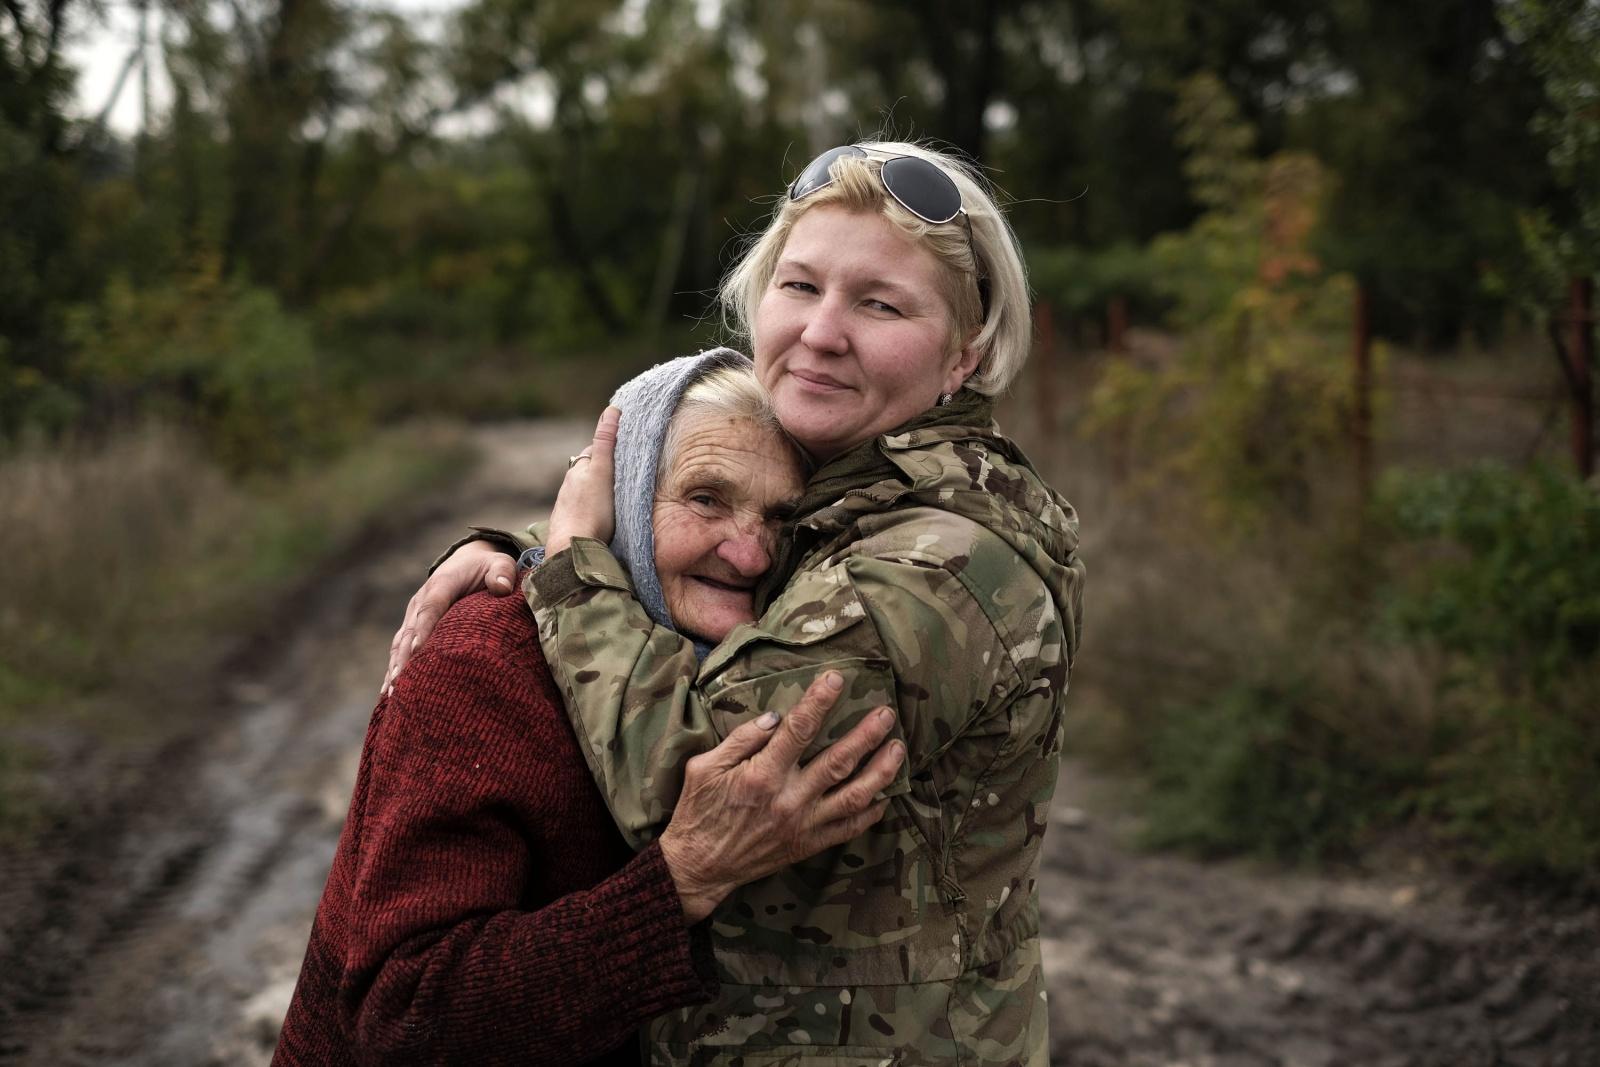 Ucraina - Donbass, Natali, volontaria abbraccia Baba Raya che vive con il marito nel villaggio di Opytne sotto assedio dalla guerra